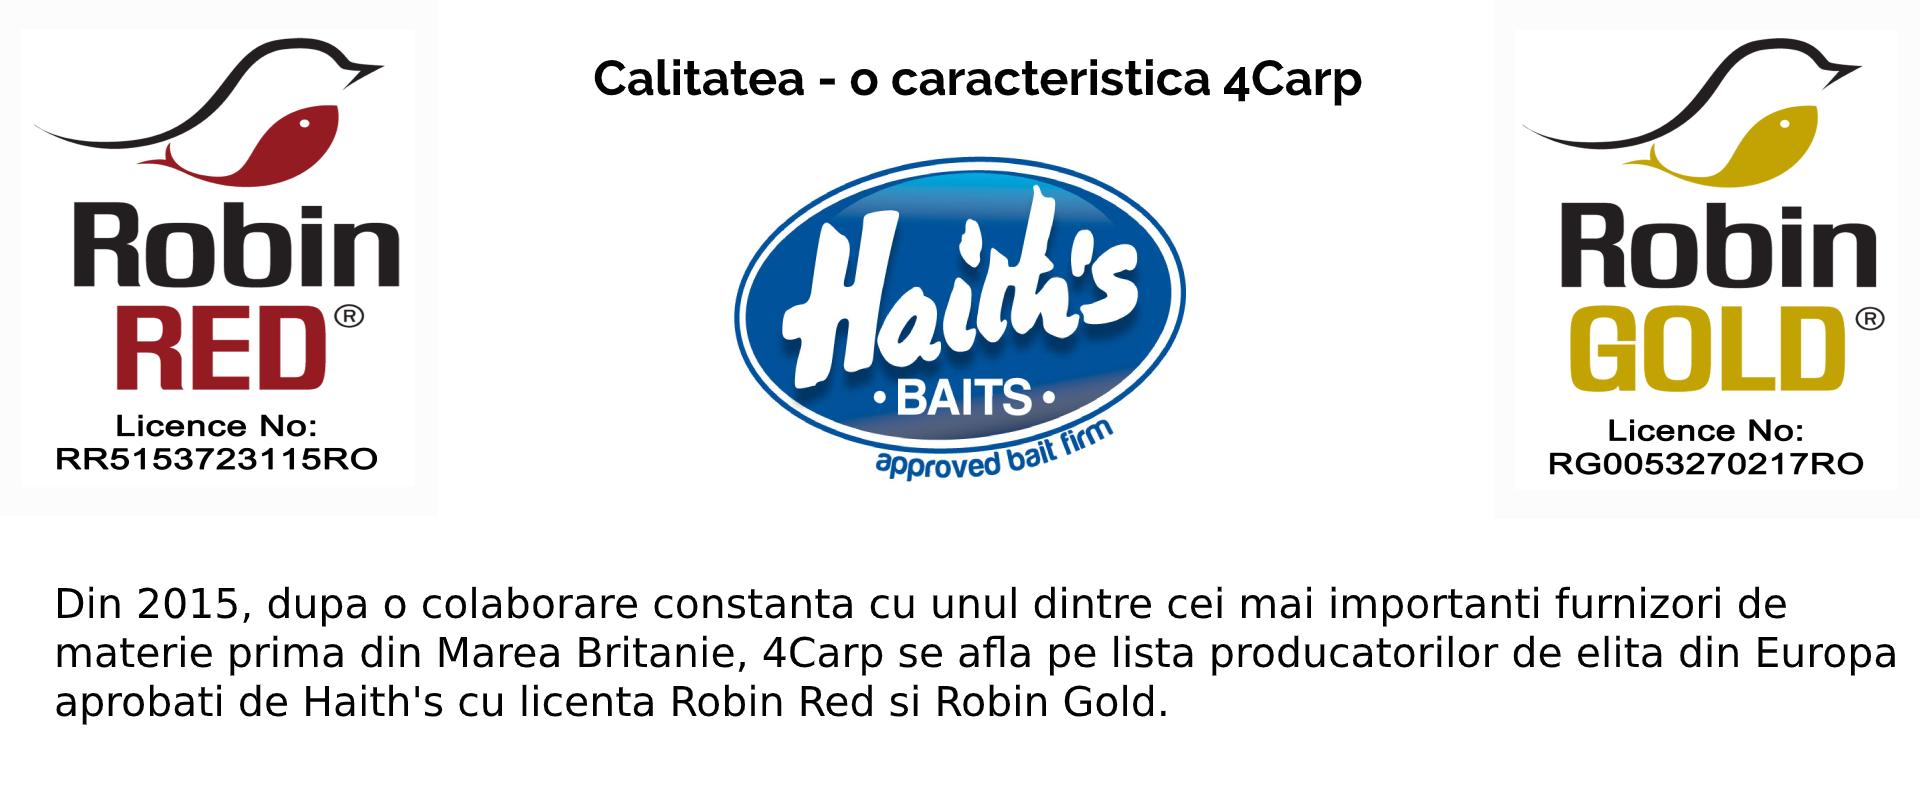 Produse Premium - 4Carp